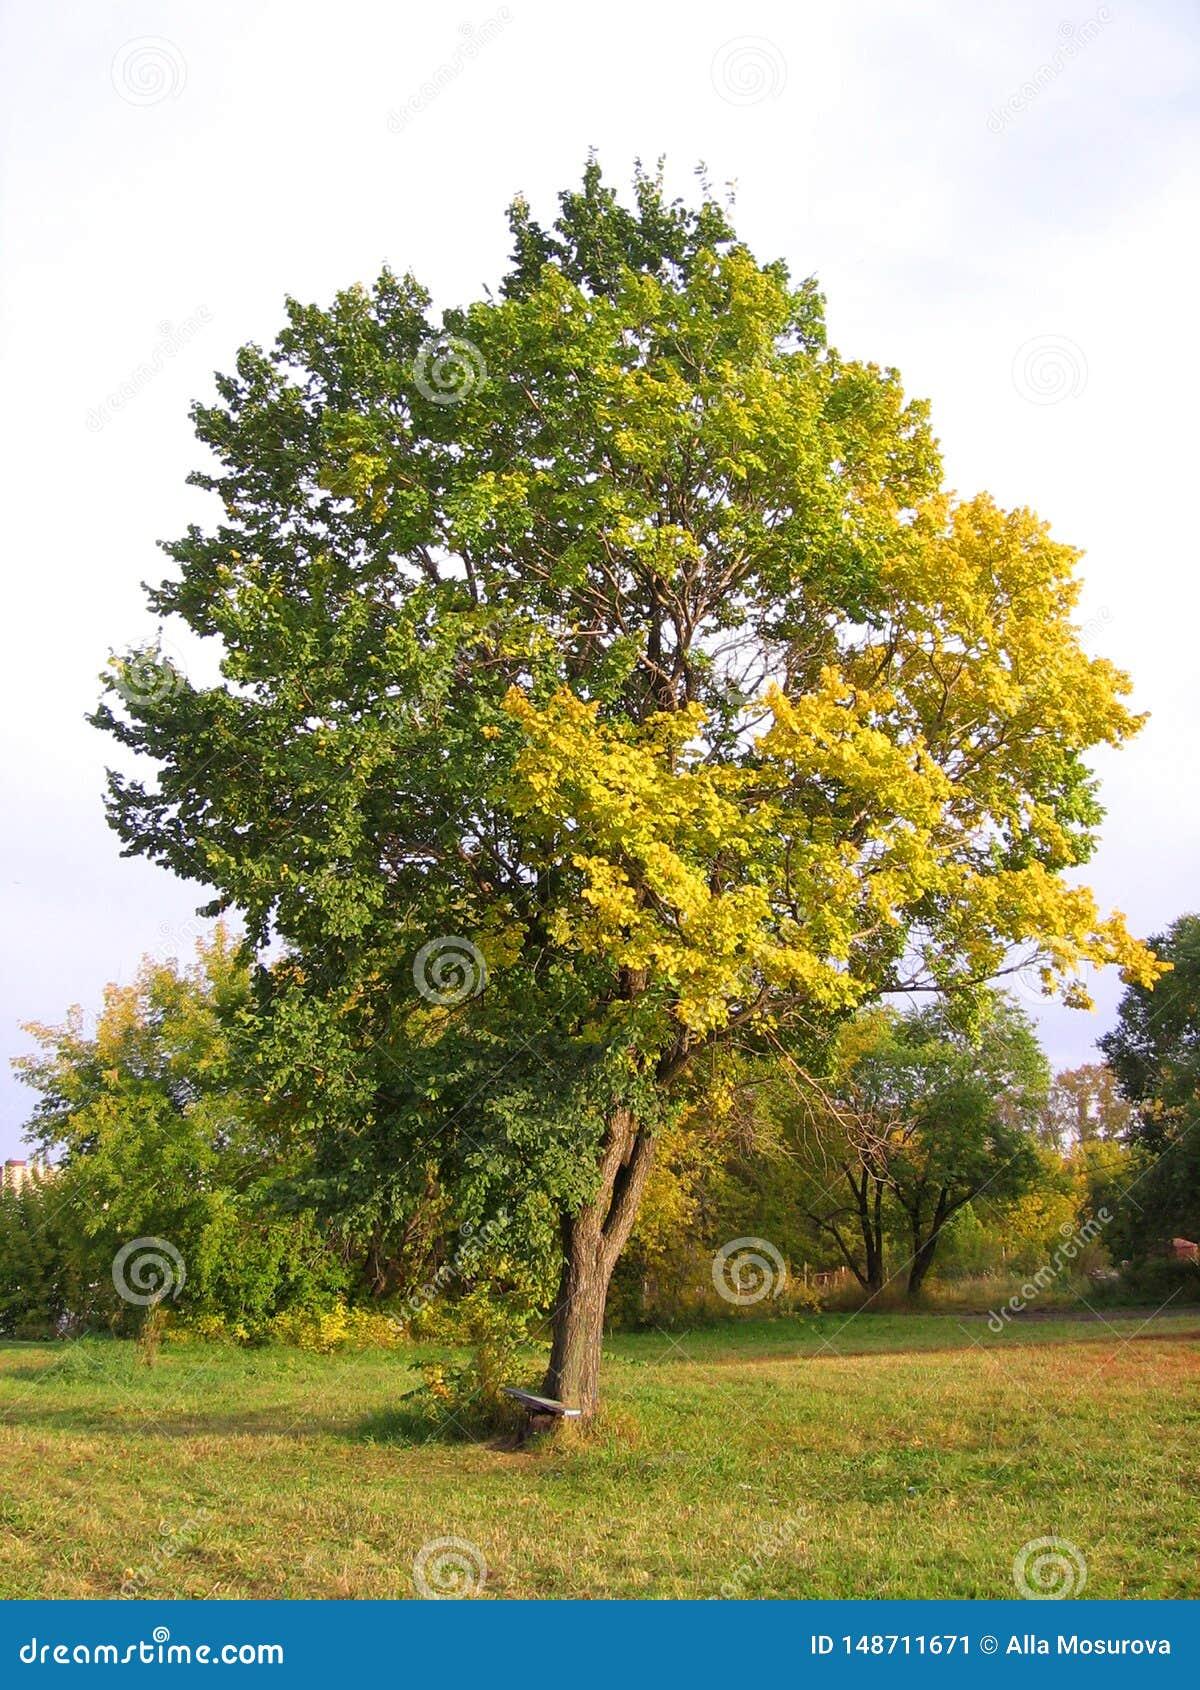 Gro?er ausbreitender Baum mit den gelben und gr?nen Bl?ttern des Herbstes in der Wiese in der malerischen Landschaft des Herbstes